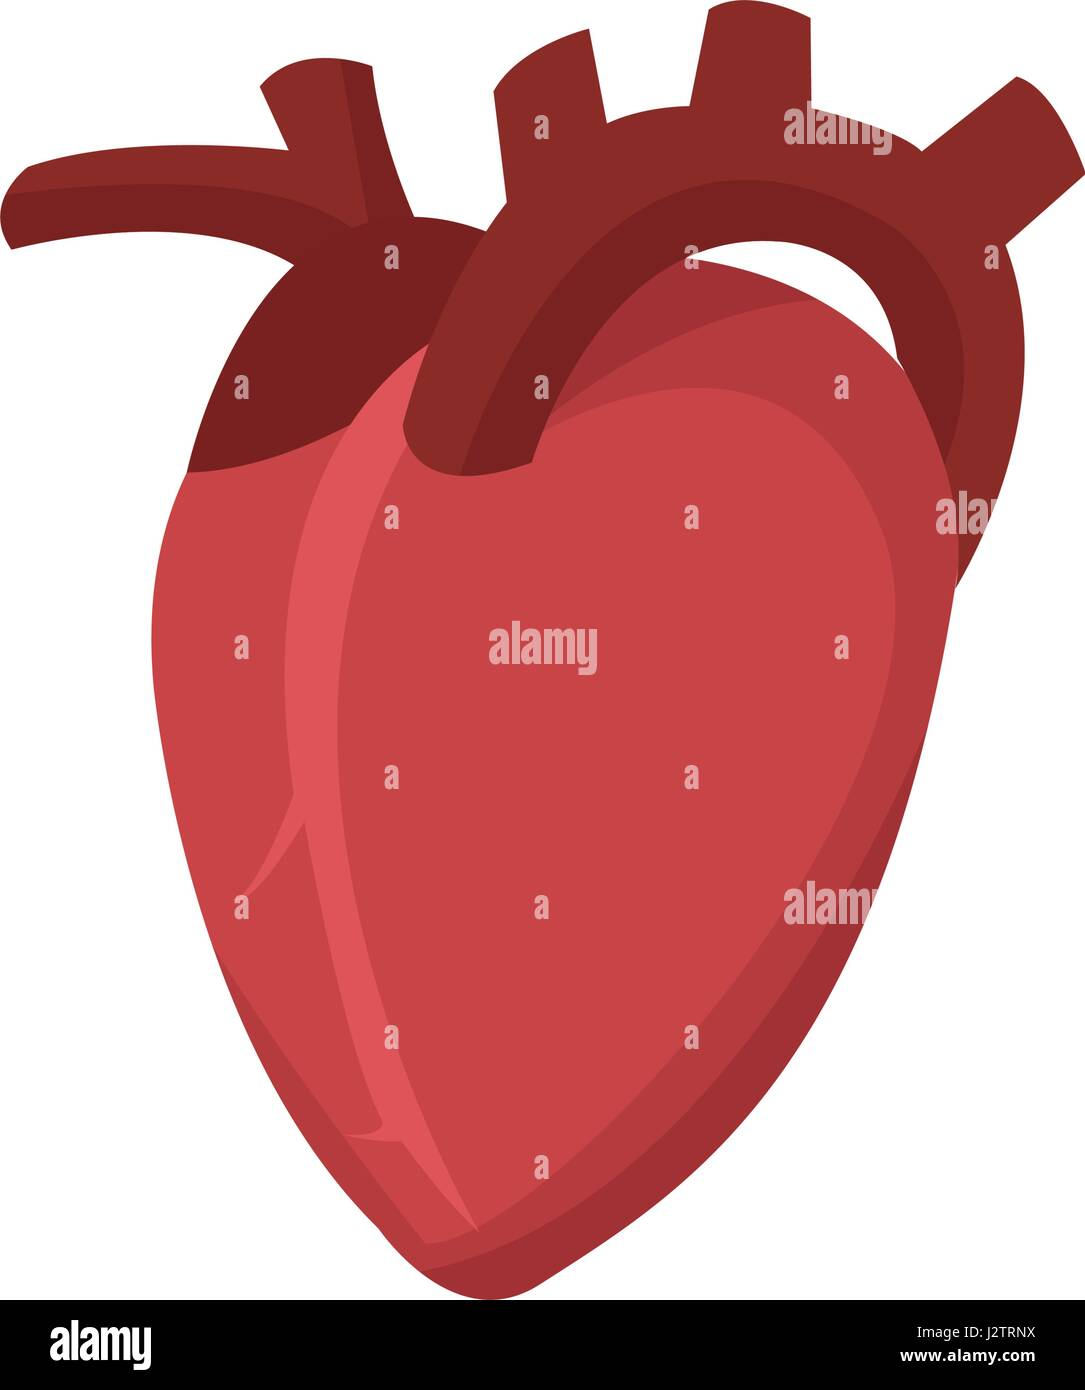 Les droits de l'icône en bonne santé cardio cardiaque Photo Stock